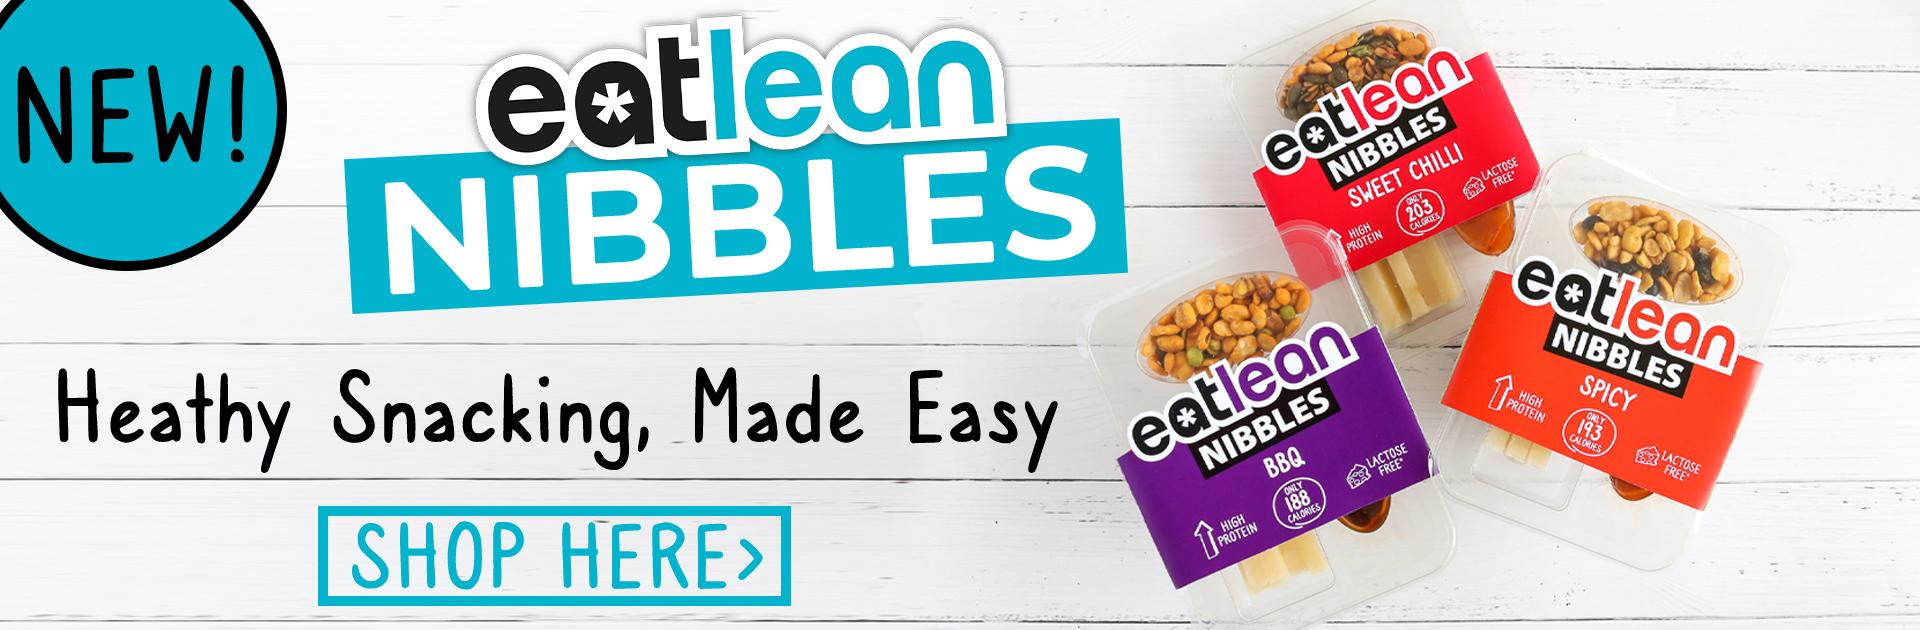 Eatlean Nibbles, healthy cheese snack pack